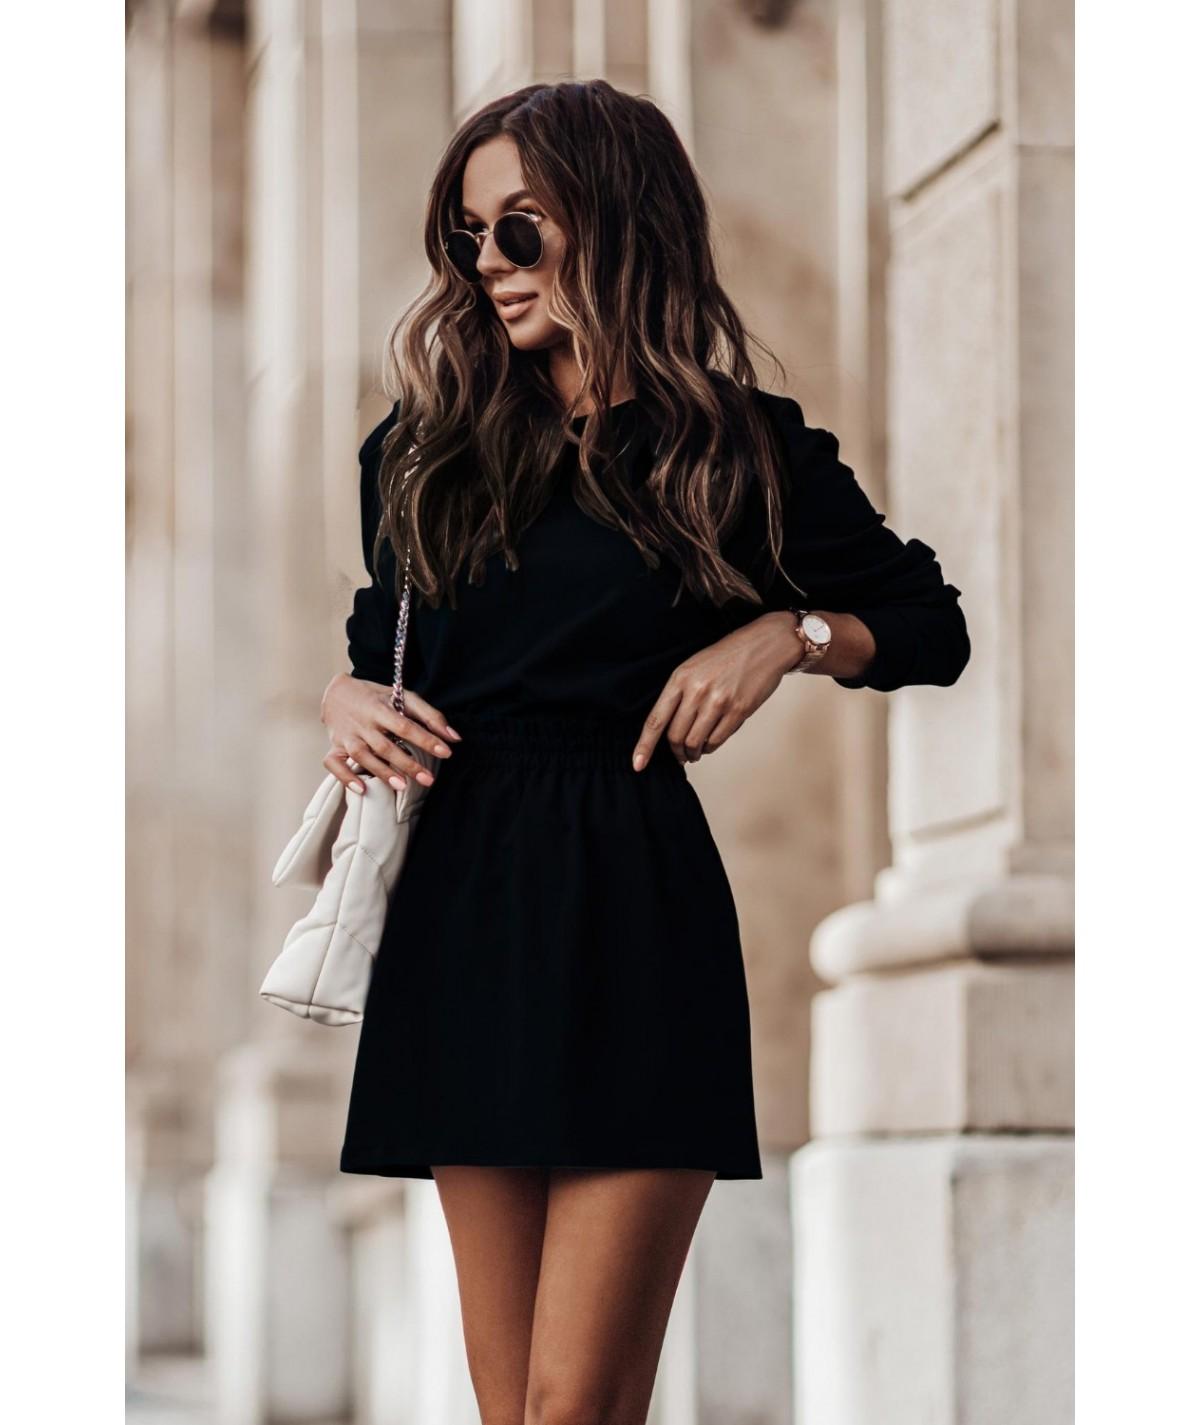 czarny bawełniany komplet damski ivon